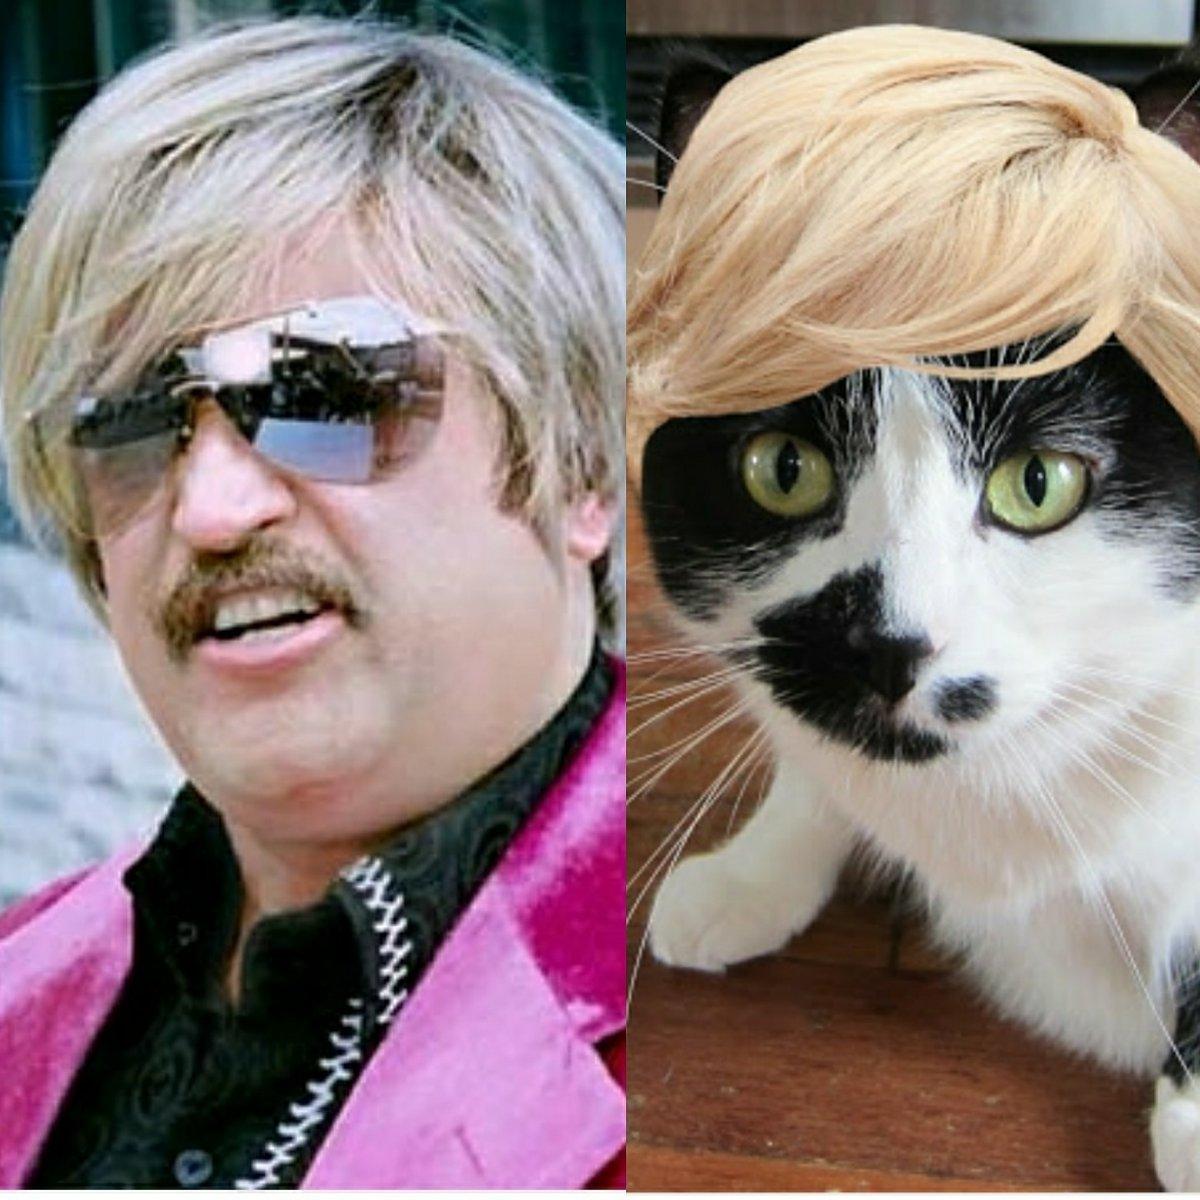 चेतना रजनीकांत यांचे फॅन असावेत असा अंदाज आहे कारण रजनीकांत यांच्या केसांची स्टाईल मांजरीच्या फोटोवर एडिट केली आहे. हा मांजरीचा हटके लूक पाहा